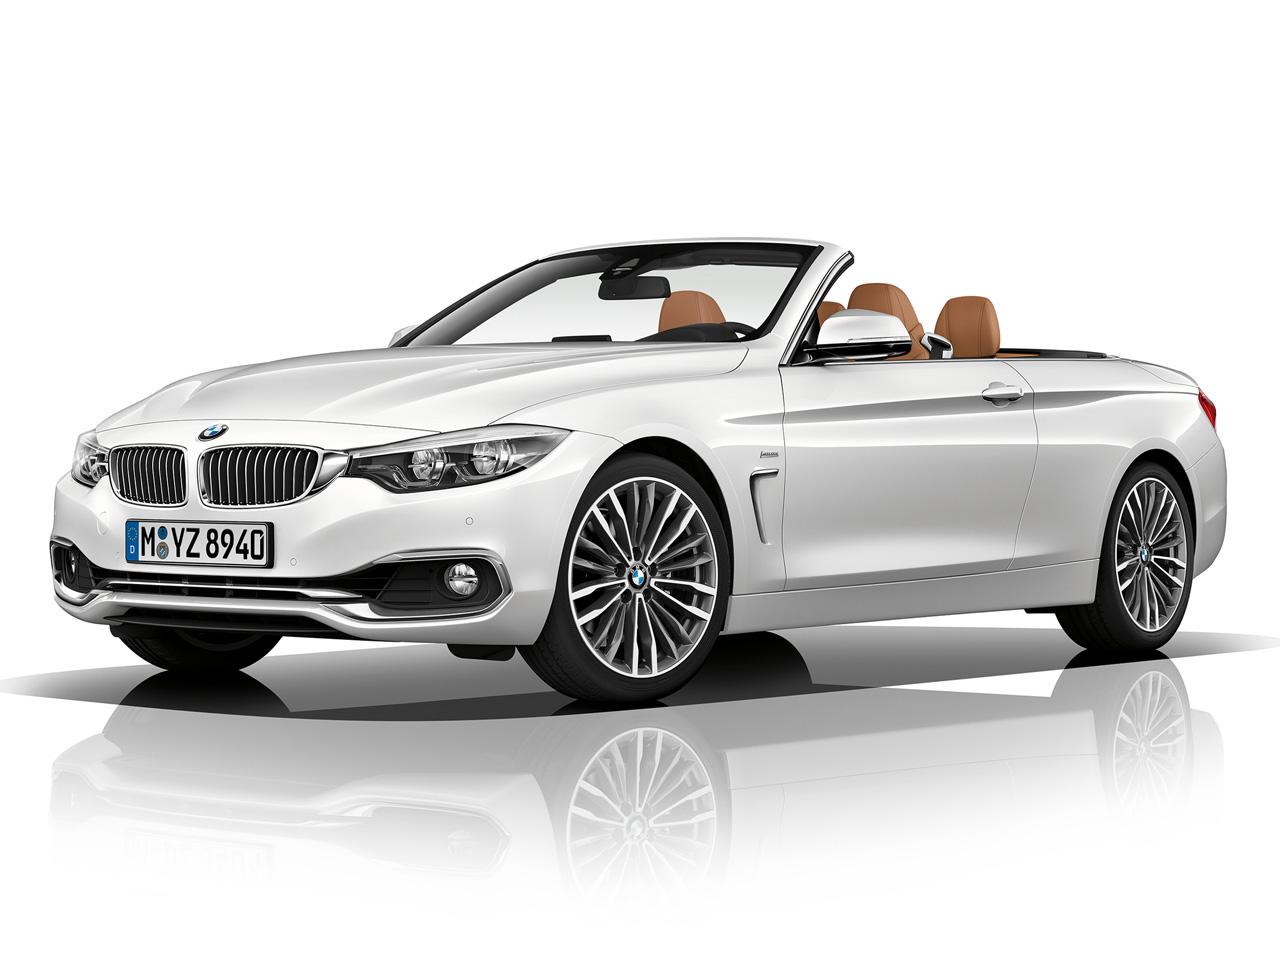 BMW 4シリーズ カブリオレ 2014年モデル 新車画像